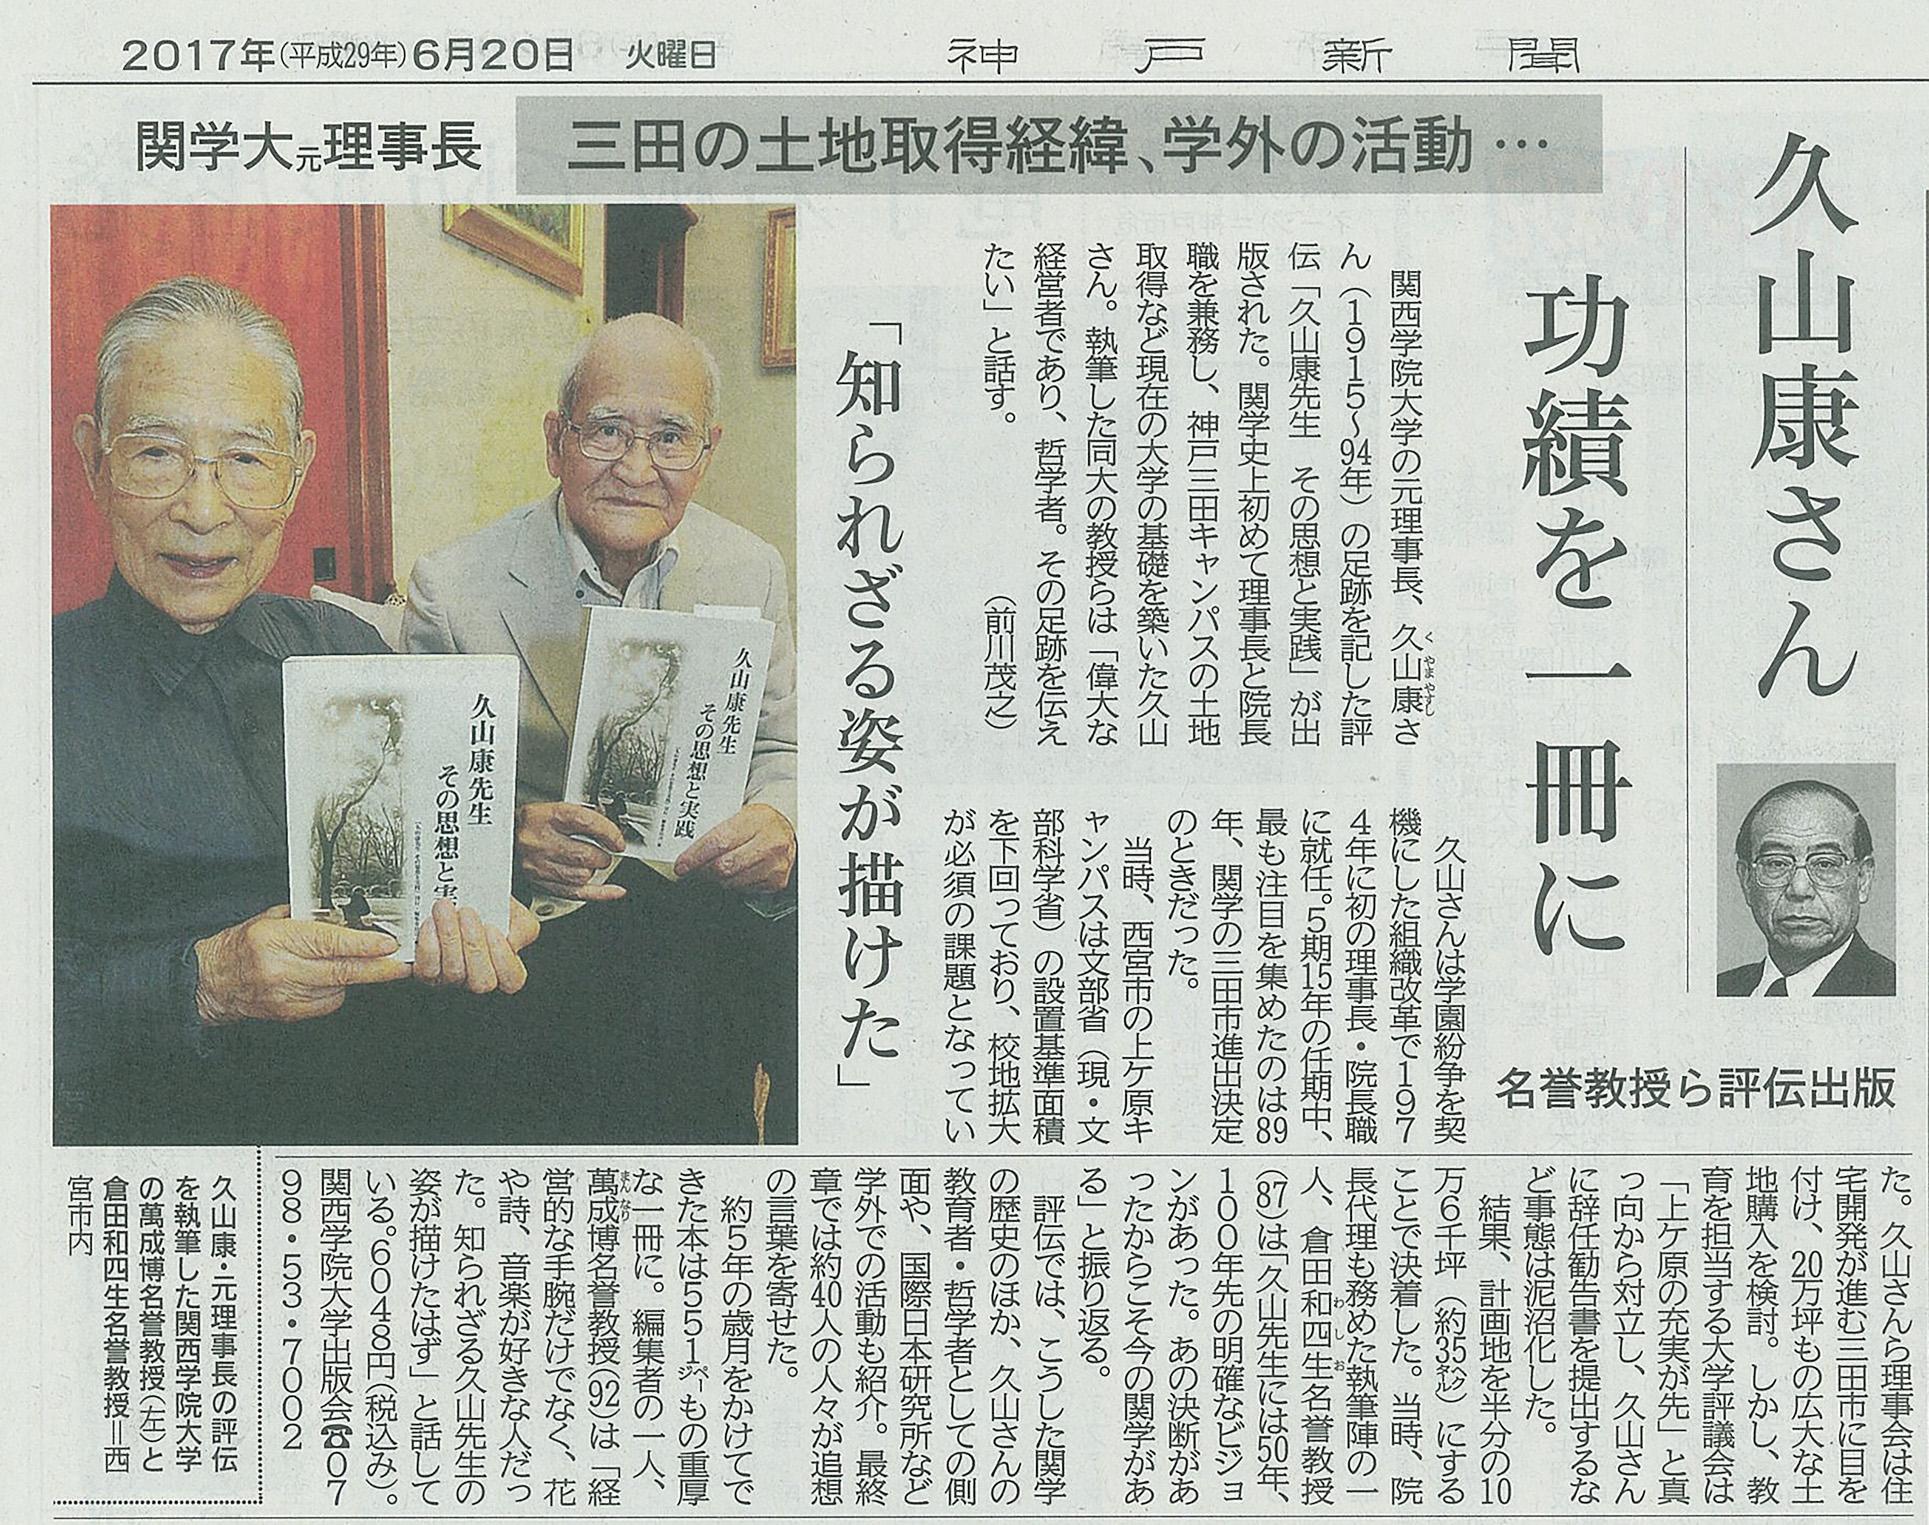 久山先生170620神戸新聞記事